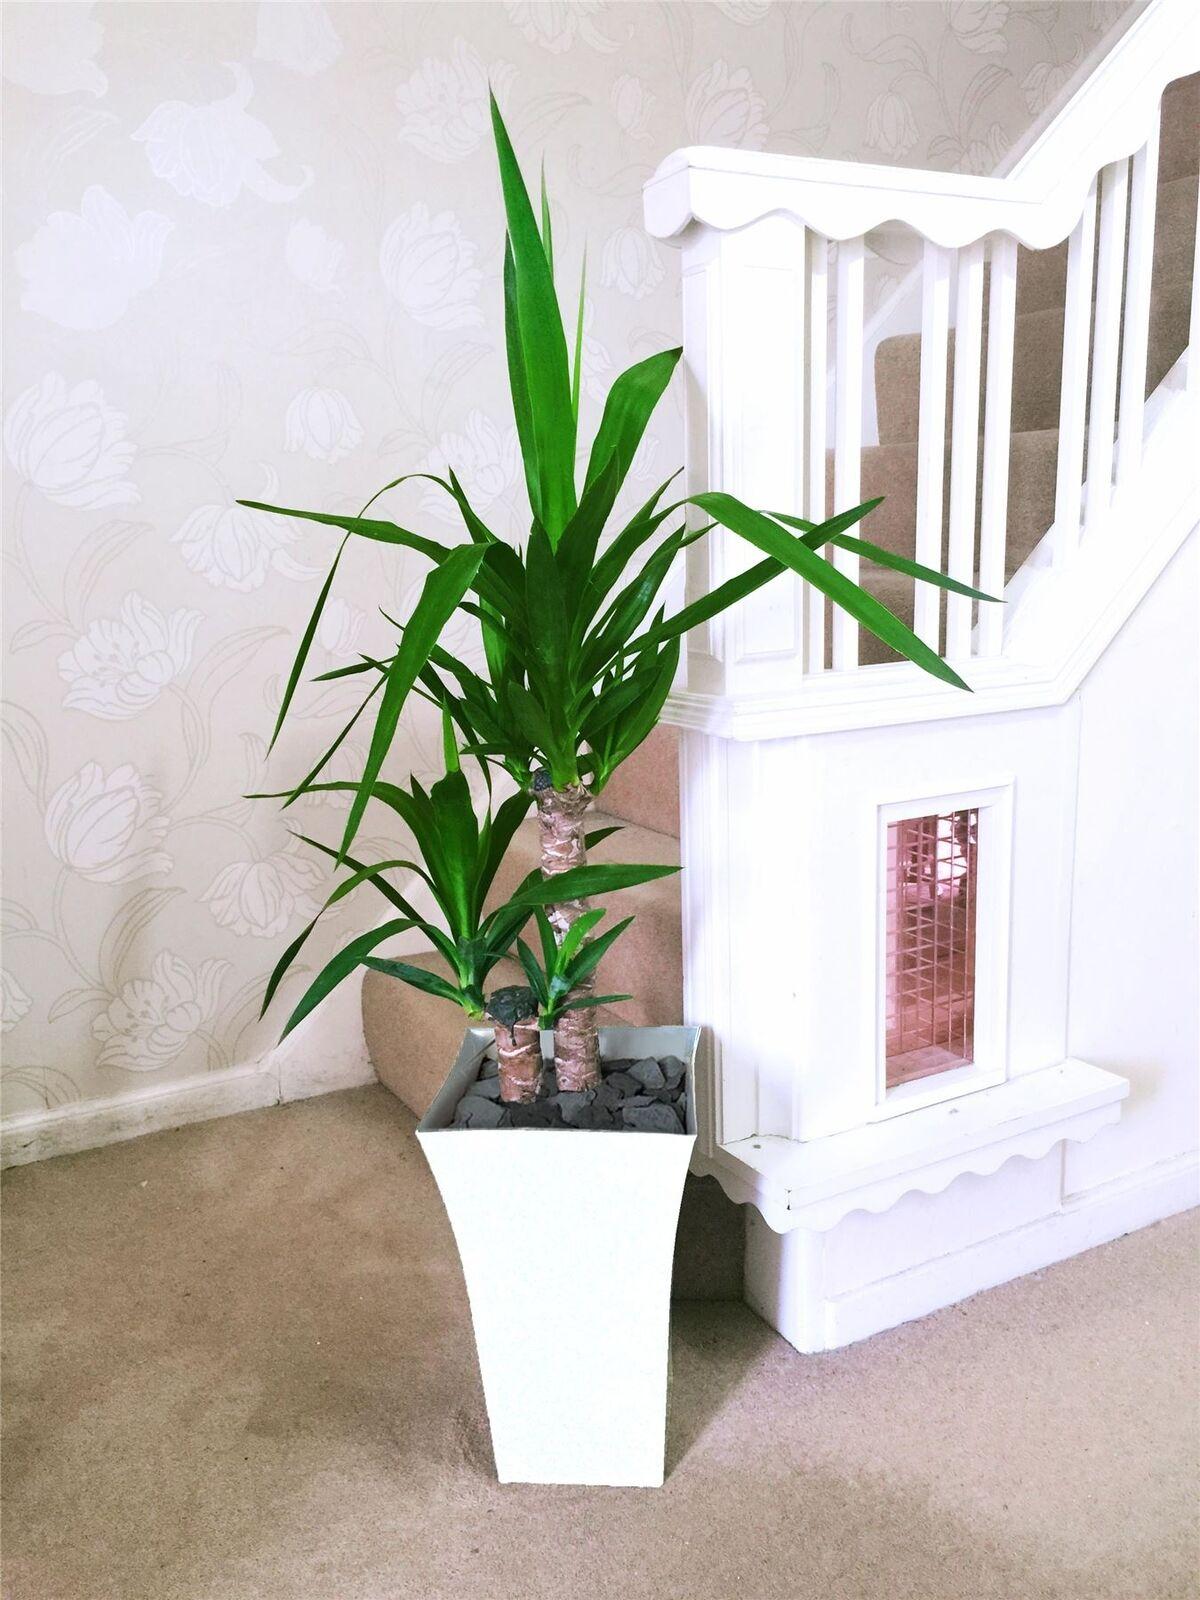 Casa Grande Doble débiles yuca suelo planta @Gloss blancoo Milano Olla 90cm De Alto